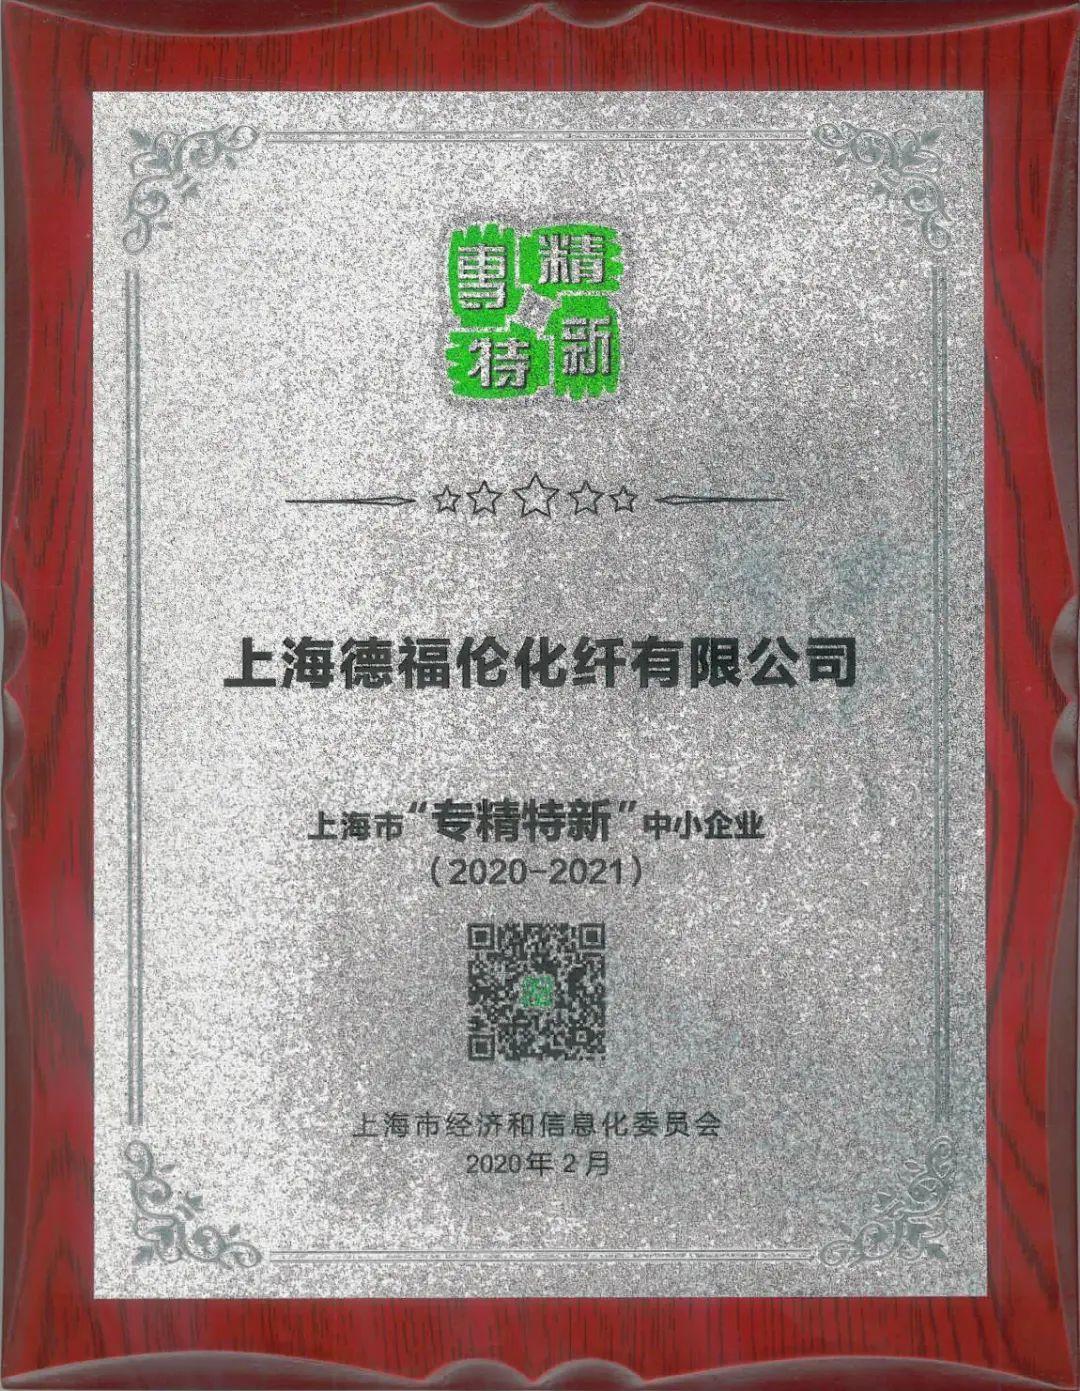 喜  报| 德福伦荣获2020—2021上海市「专精特新」中小企业荣誉称号-上海德福伦化纤有限公司